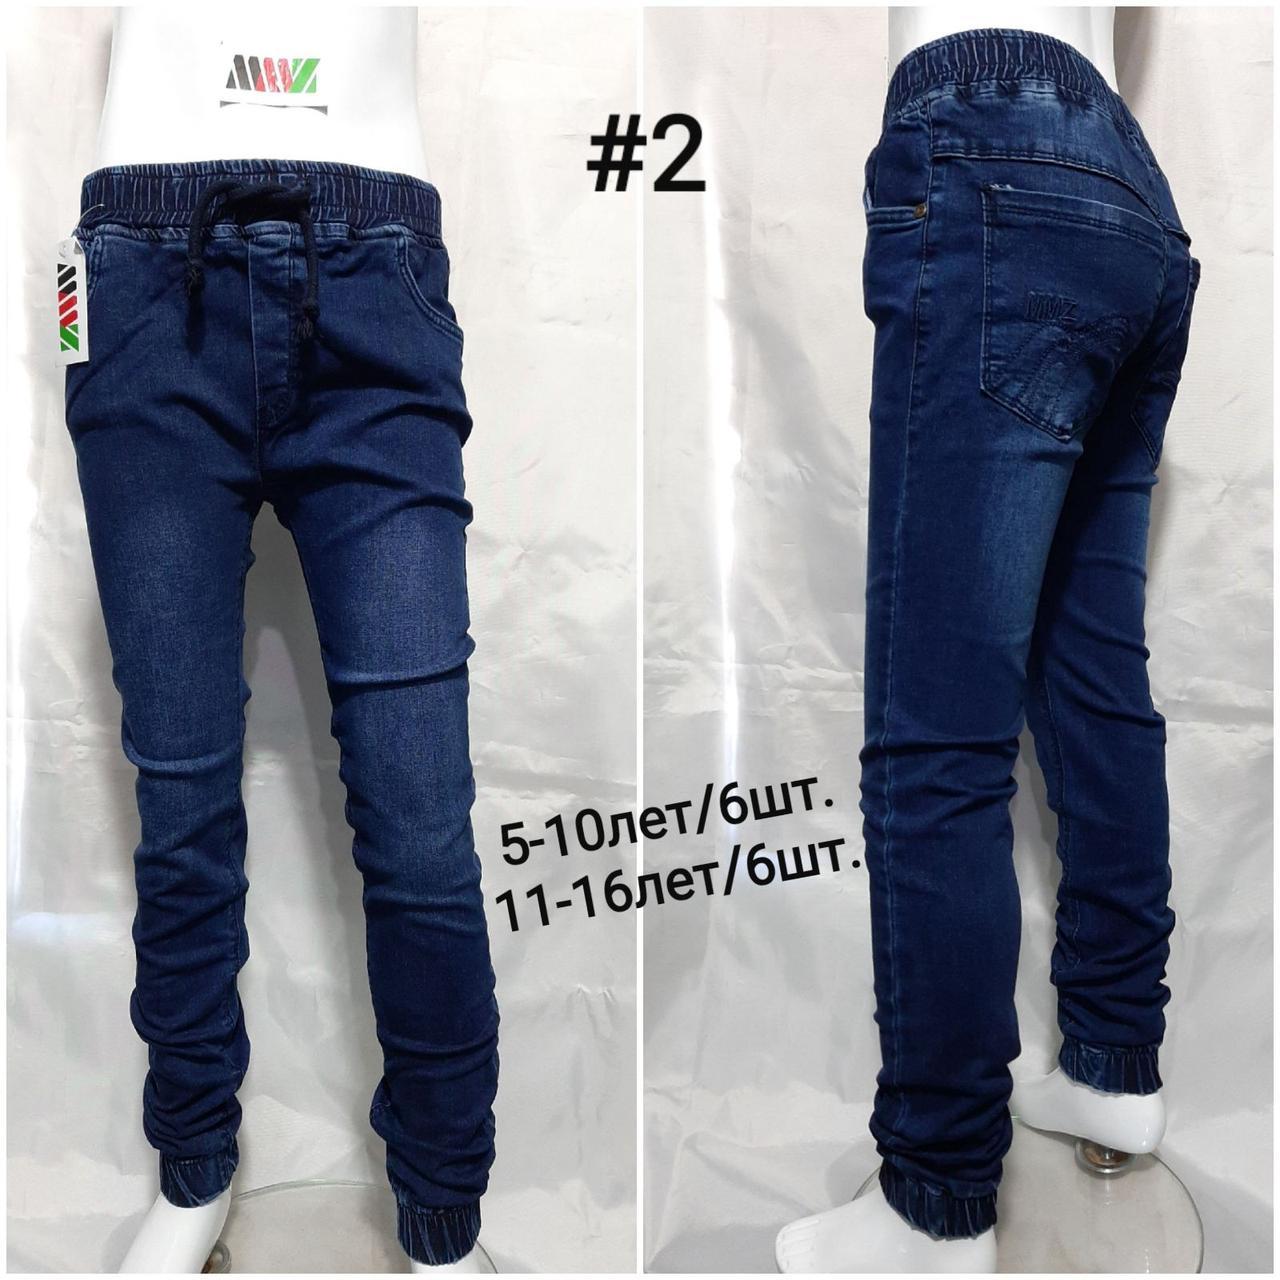 Детские джинсы для мальчика р. 5-10 лет опт